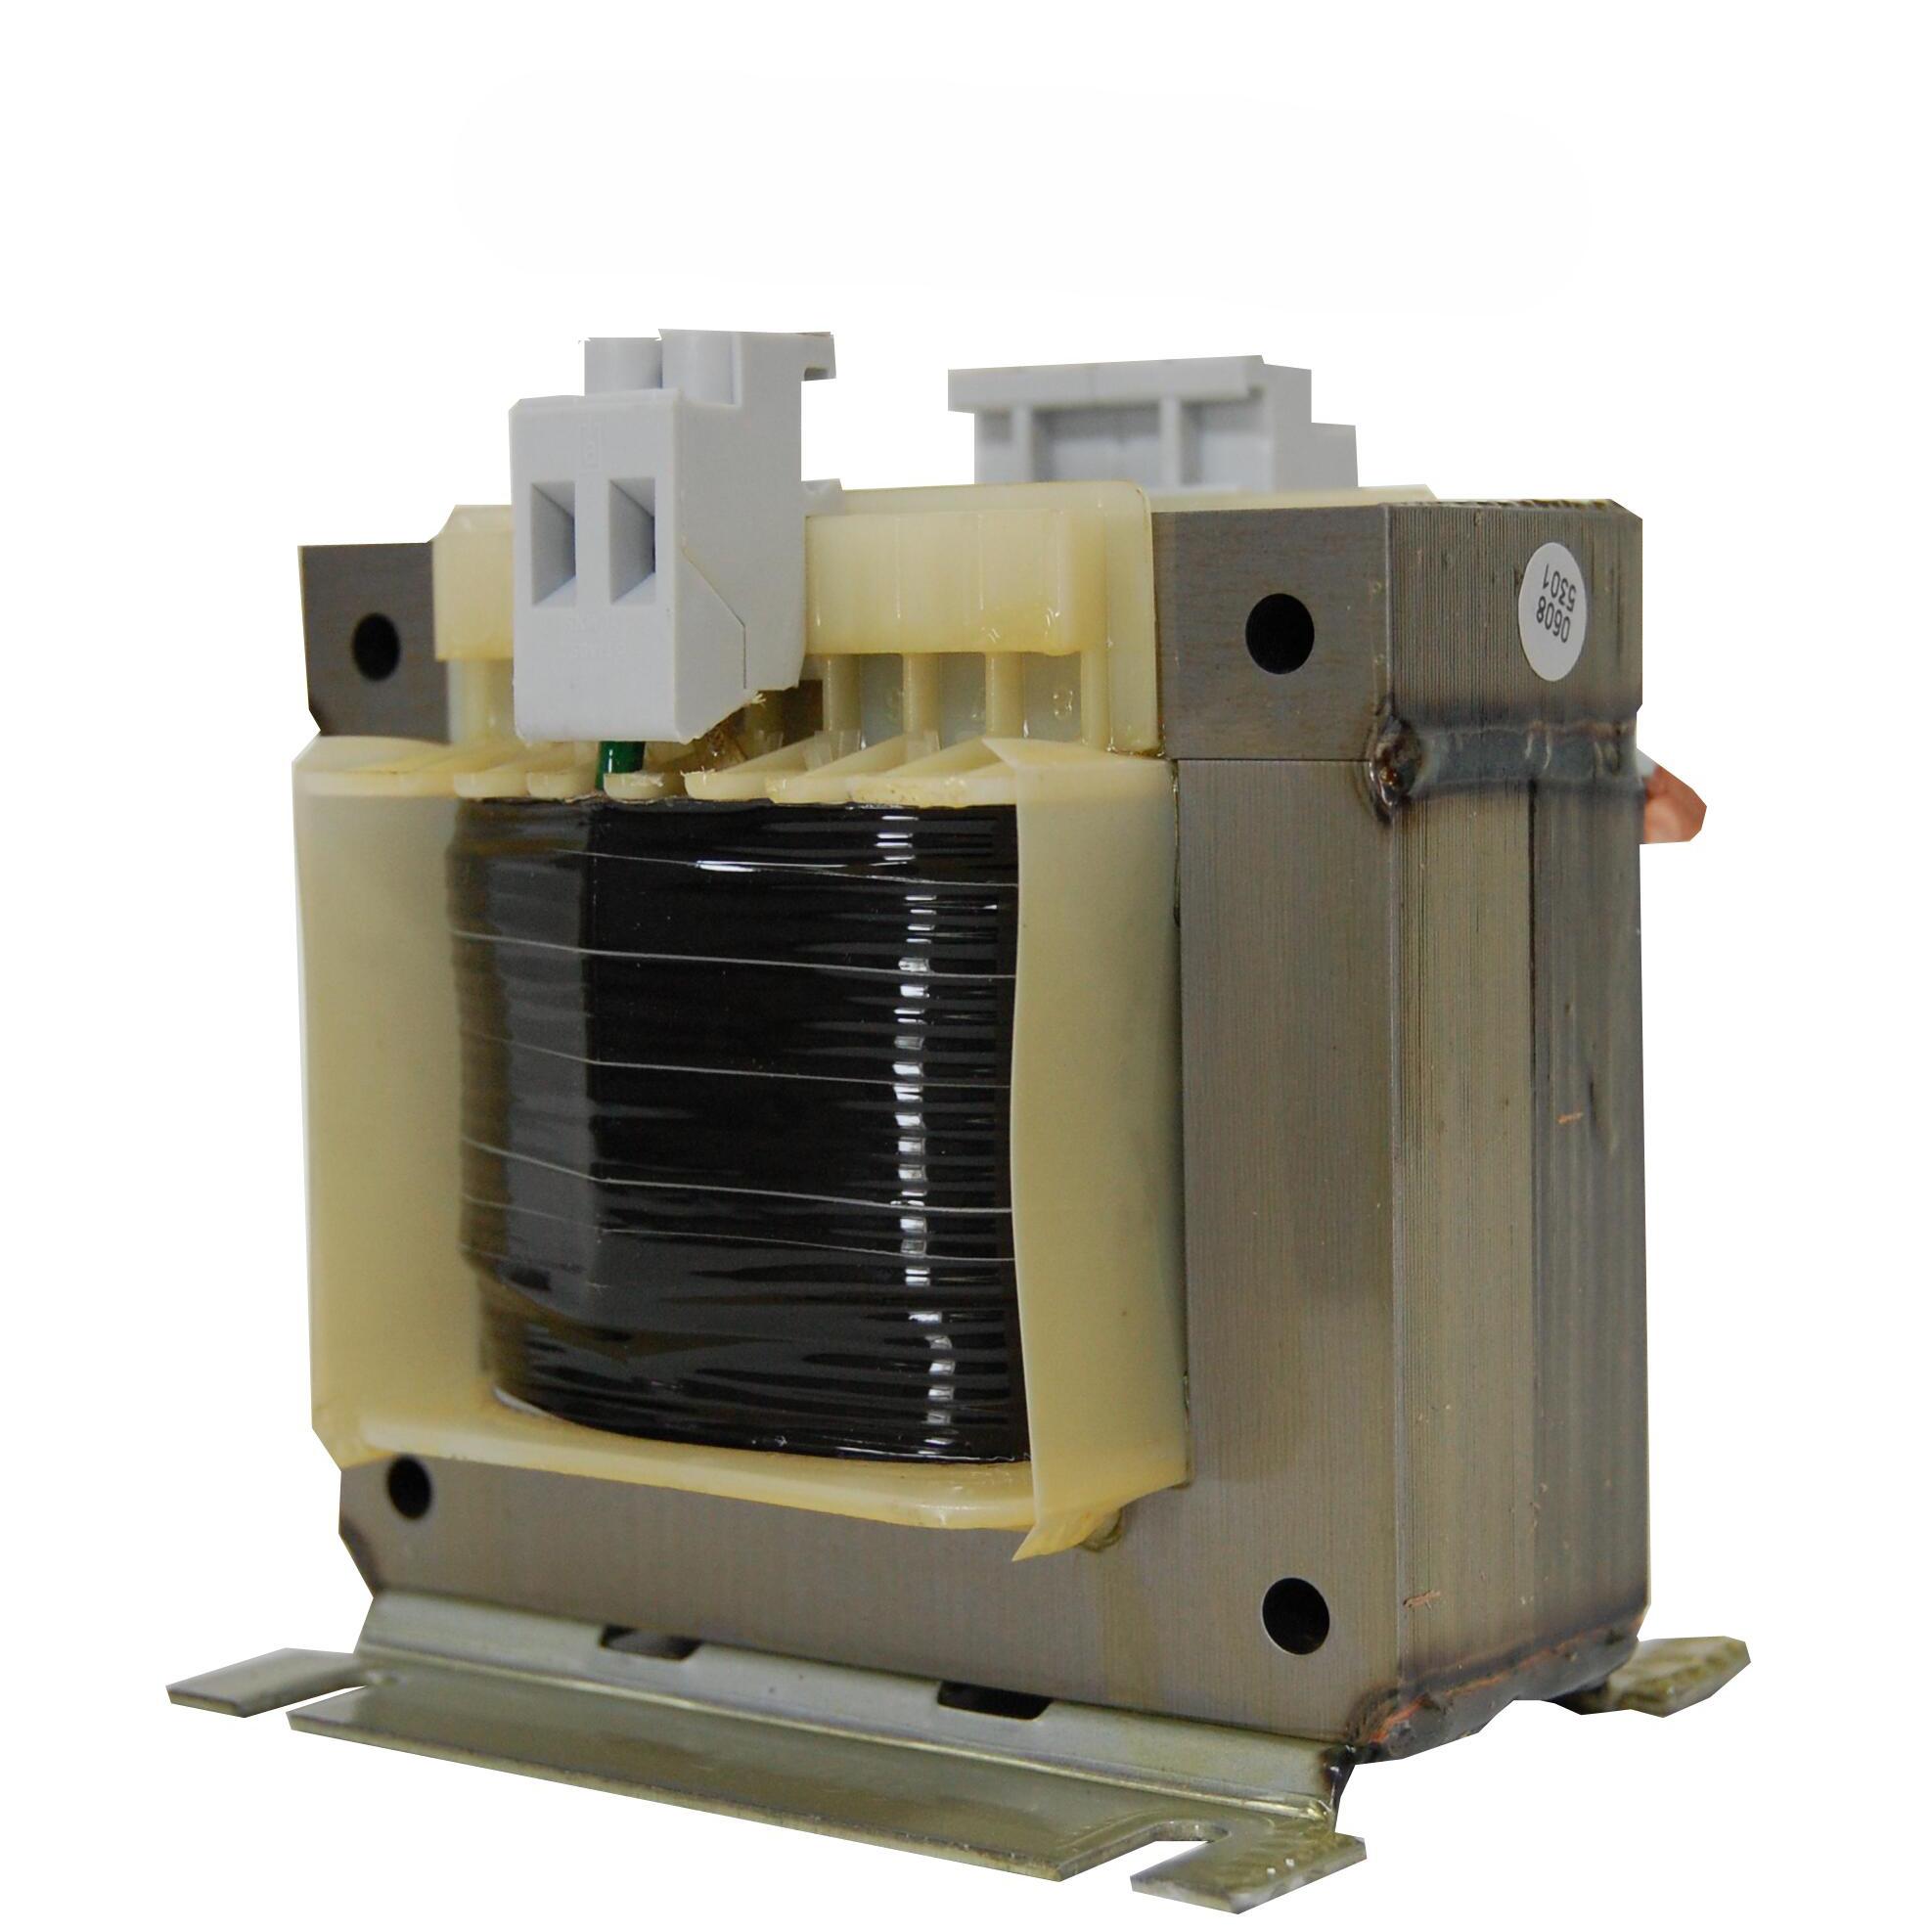 1 Stk Einphasen Steuertransformator 230/230V, 800VA, IP00 LP605080T-